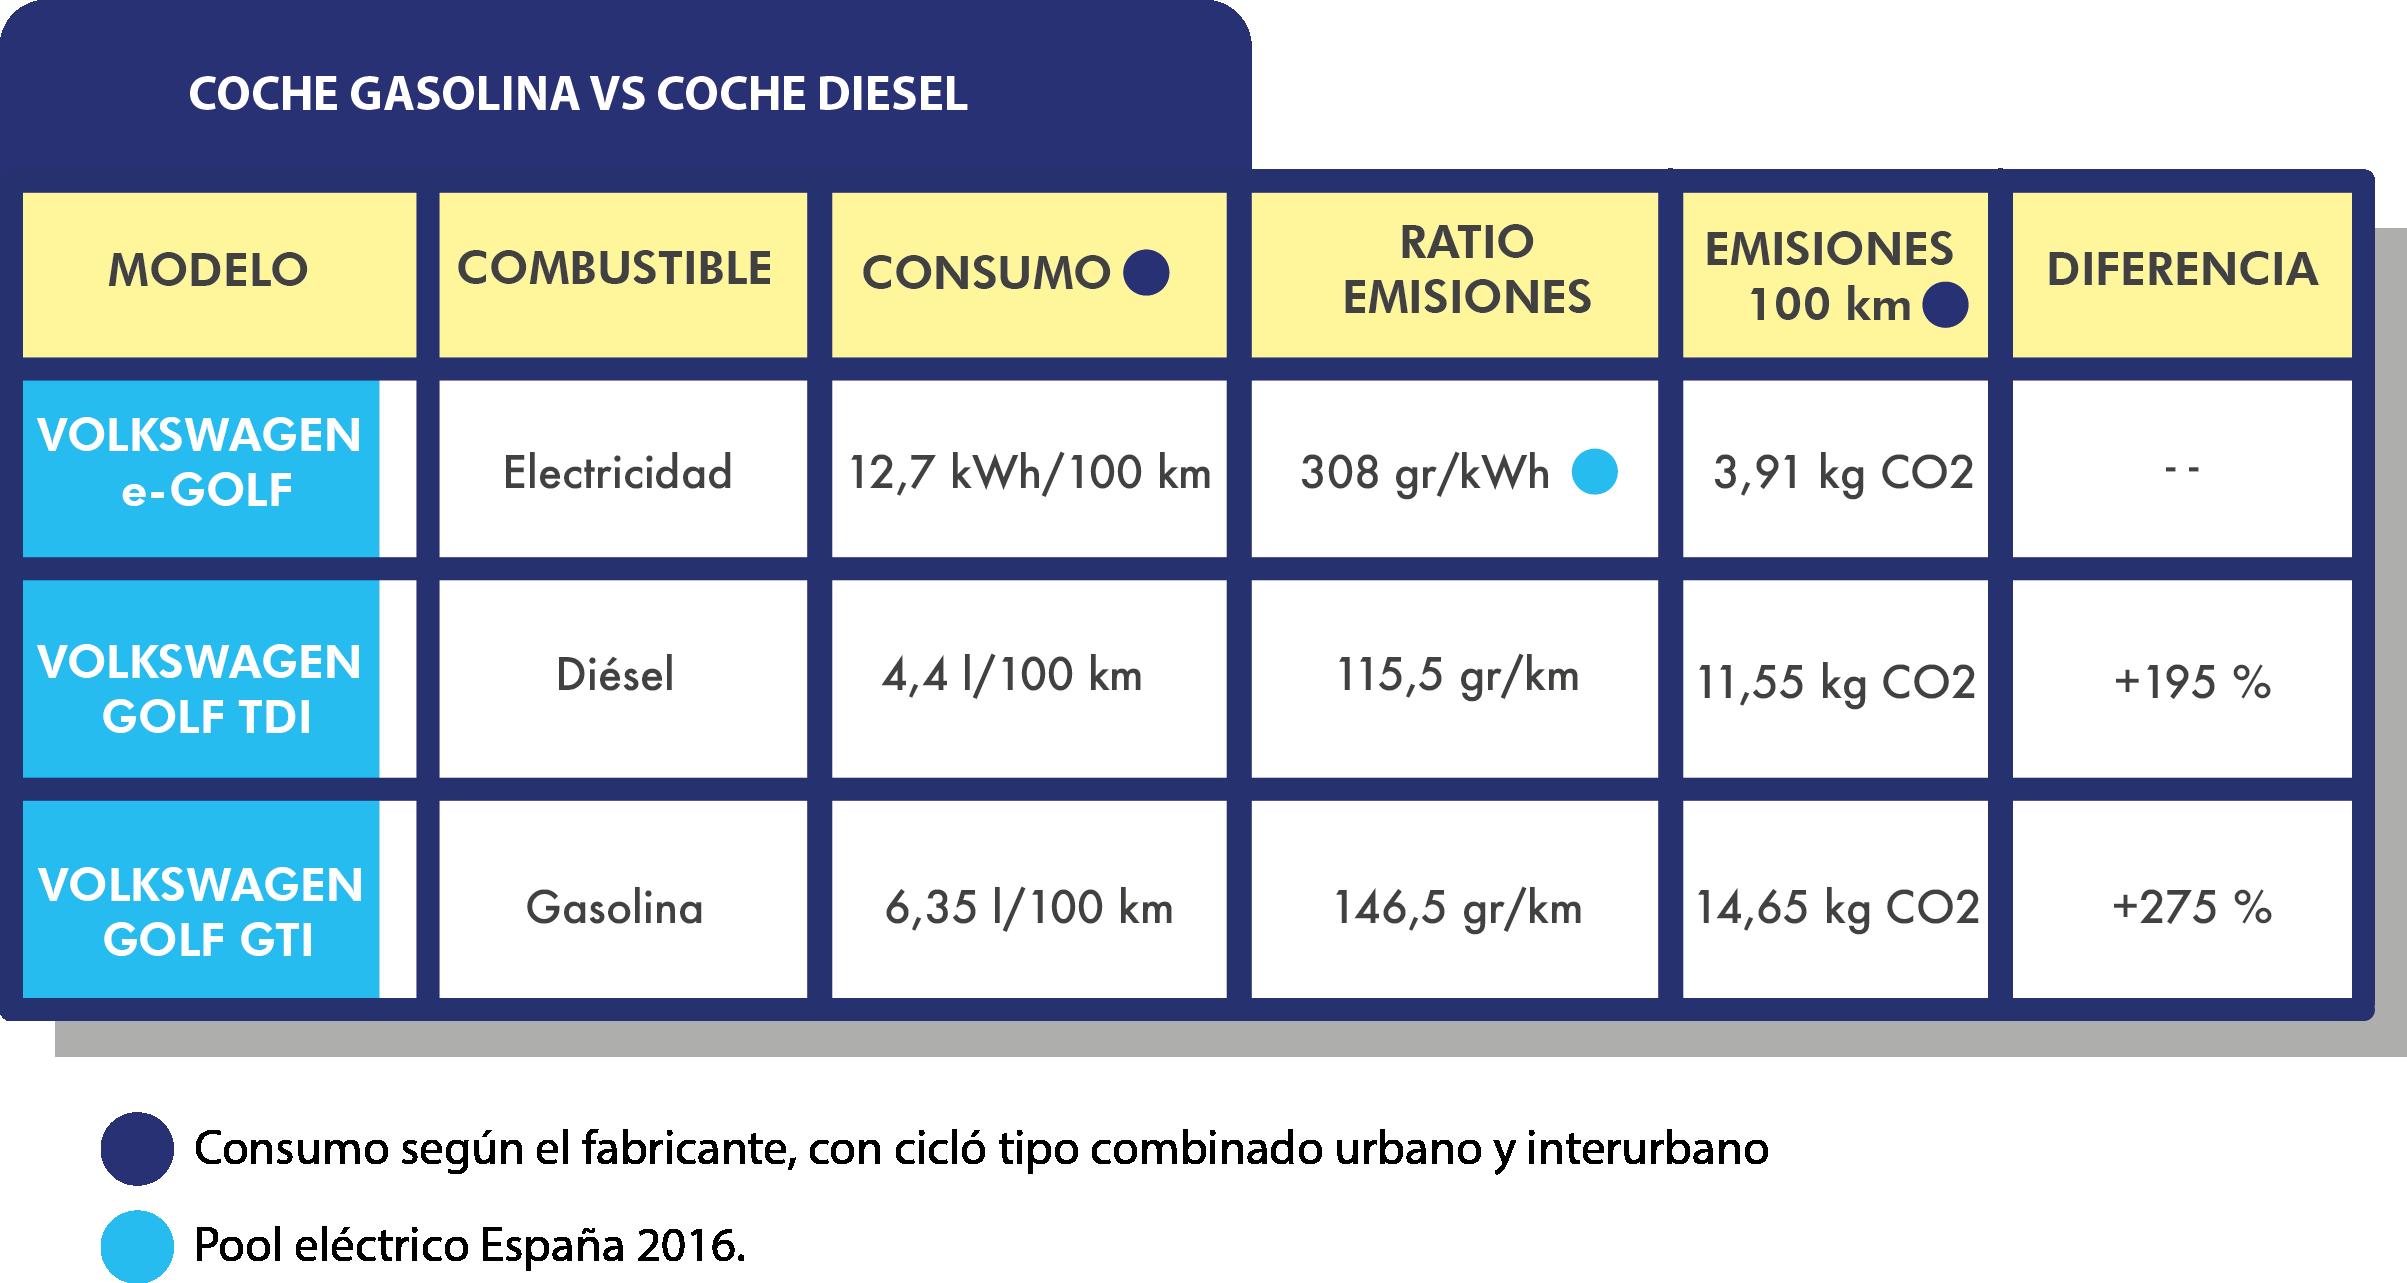 cotxe gasolina vs cotxe dièsel